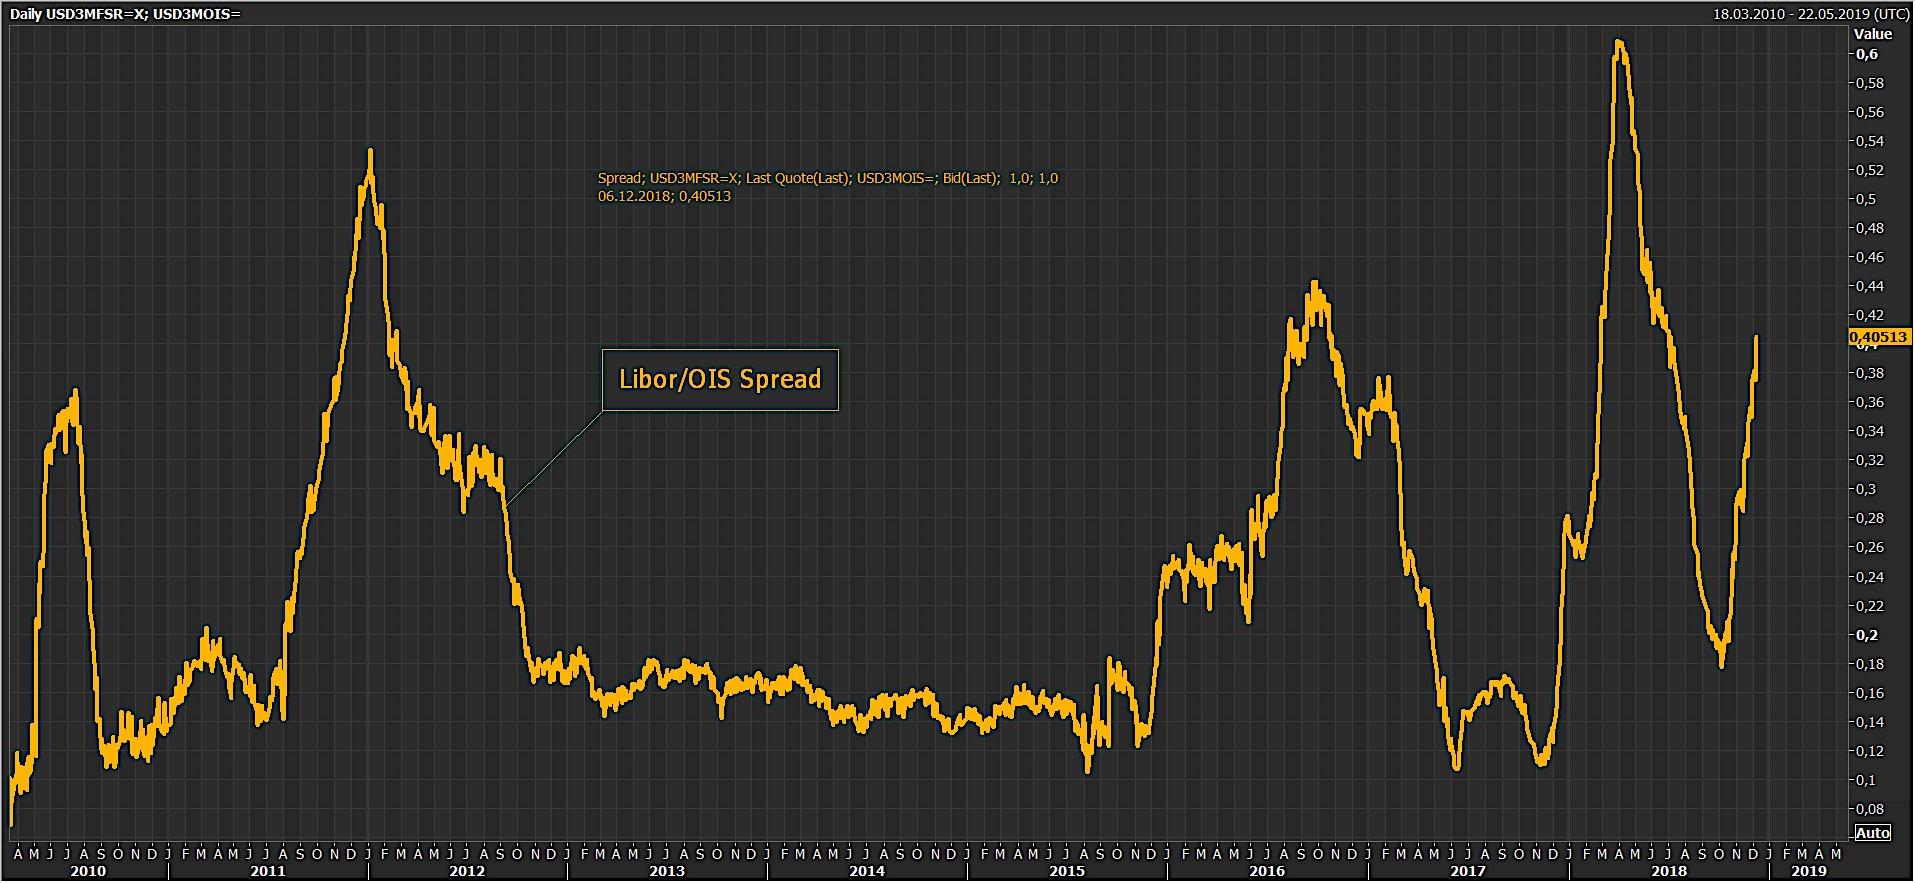 Oups ! Le Spread Libor-OIS vient de franchir à la hausse le seuil des 40 points de base. Une crise couve-t-elle sur le marché interbancaire ?